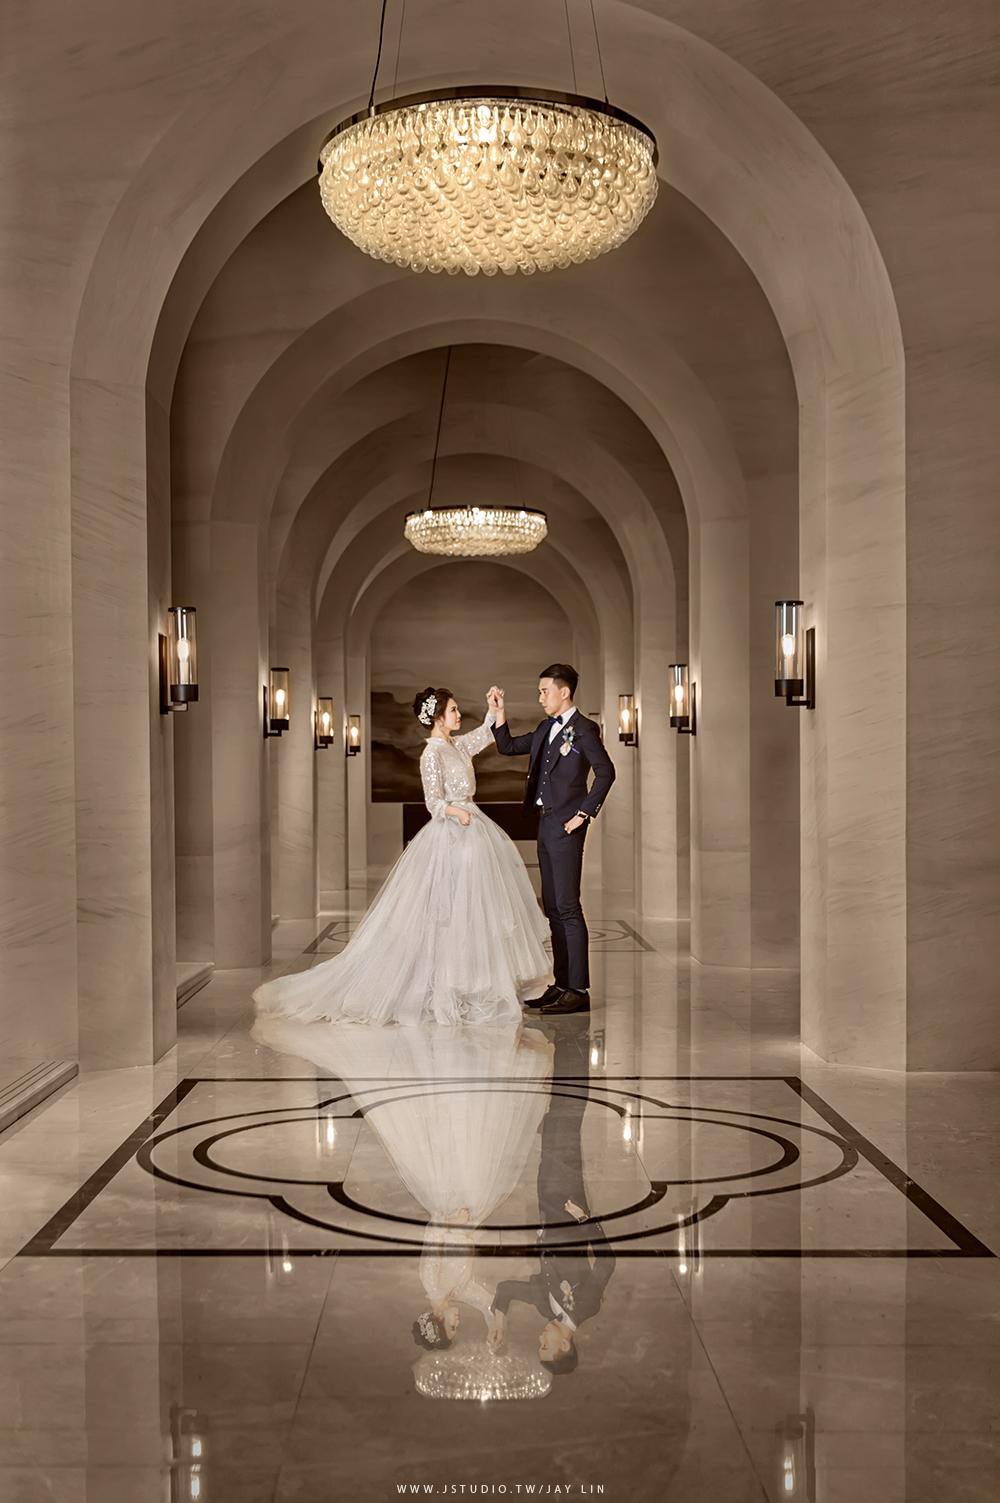 婚攝 台北萬豪酒店 台北婚攝 婚禮紀錄 推薦婚攝 戶外證婚 JSTUDIO_0171